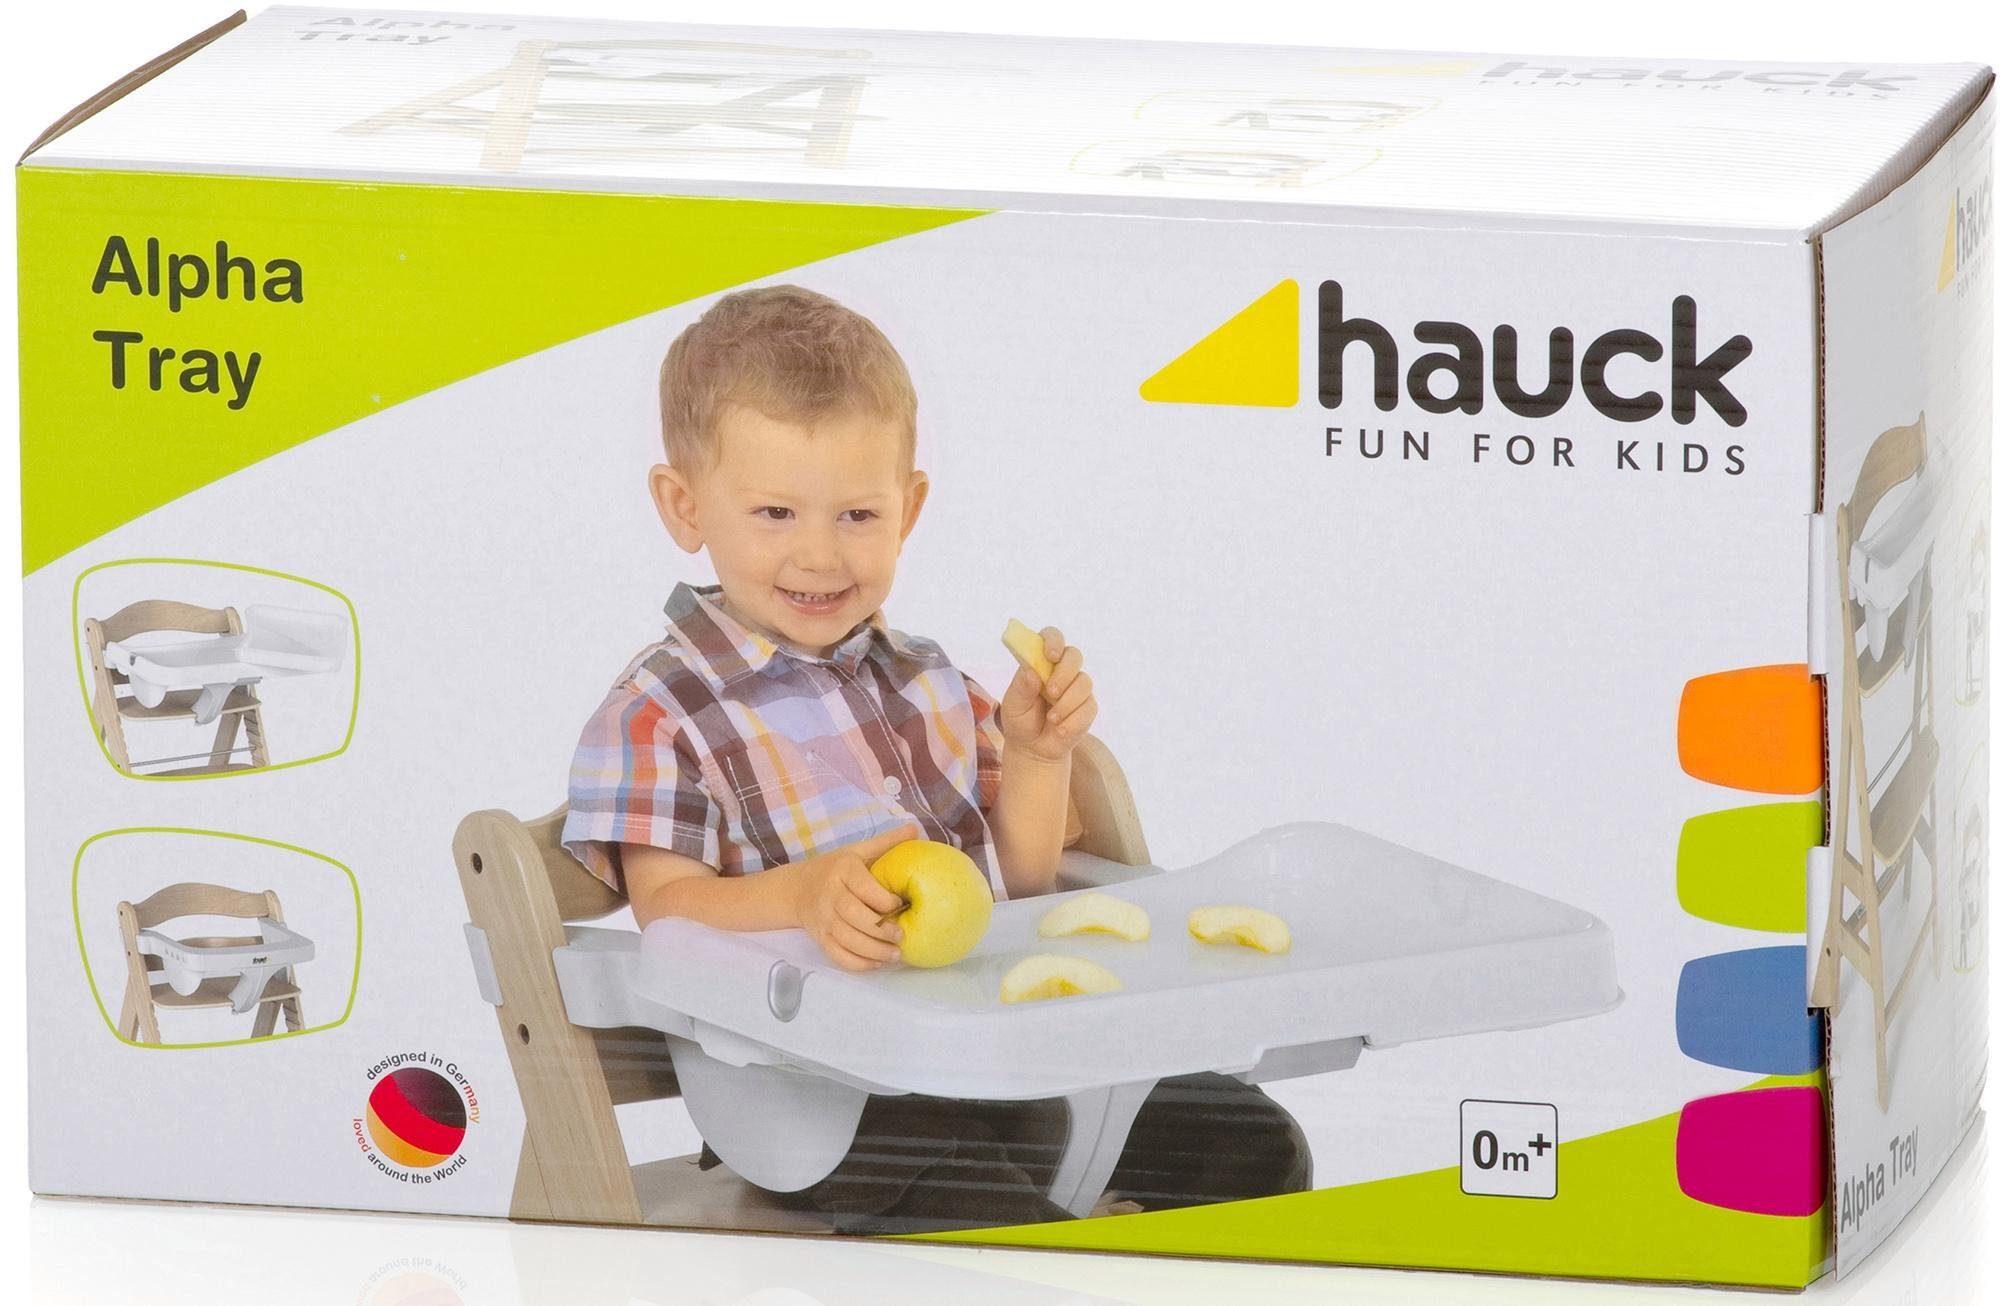 Hochstuhl Roba Oder Hauck ~ Hochstuhl kaufen babyhochstuhl kinderhochstuhl otto